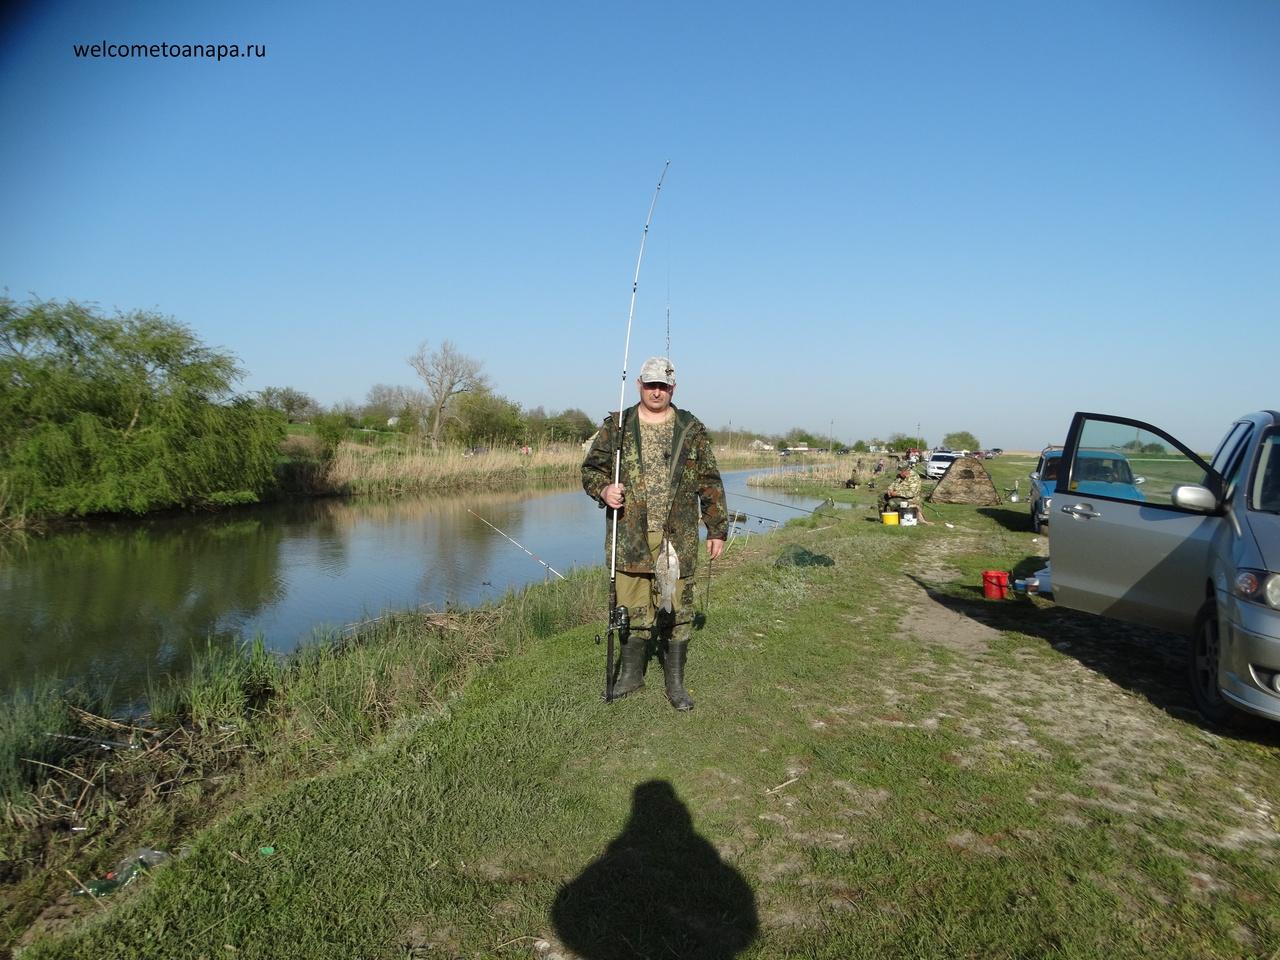 Рыболовная база в краснодарском крае водолей